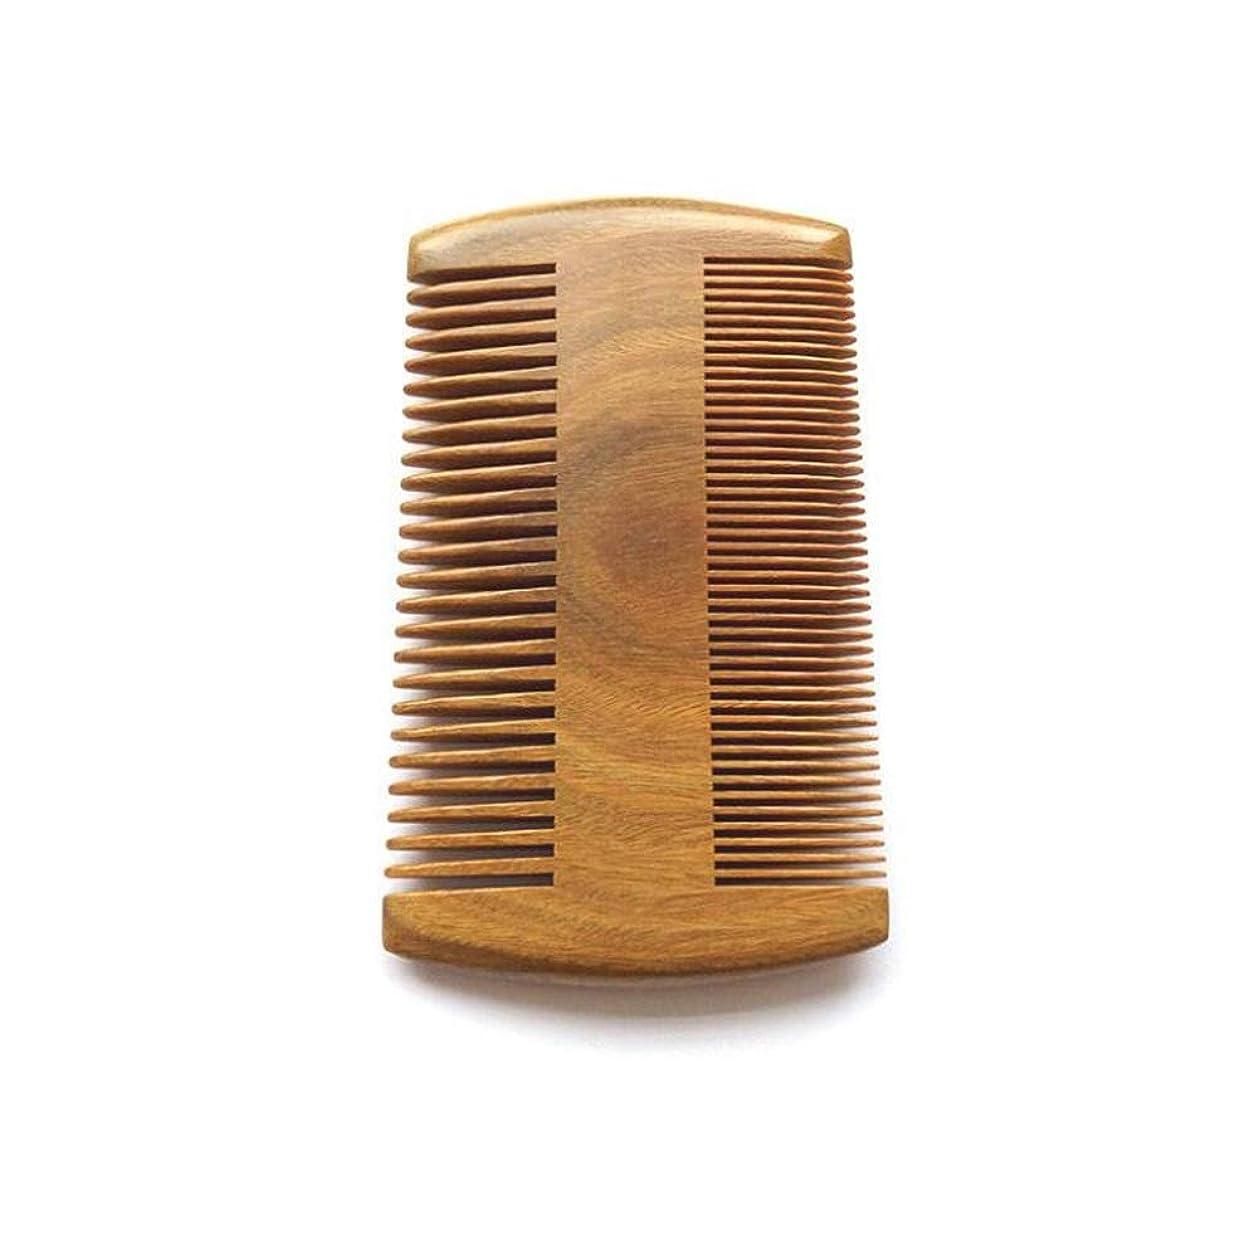 拾うバリケード傾向があります手作りの天然サンダルウッドコーム - ふけ防止、非静的で環境にやさしい - 頭皮や髪の健康に良い罰金と広い歯に非常に適しています